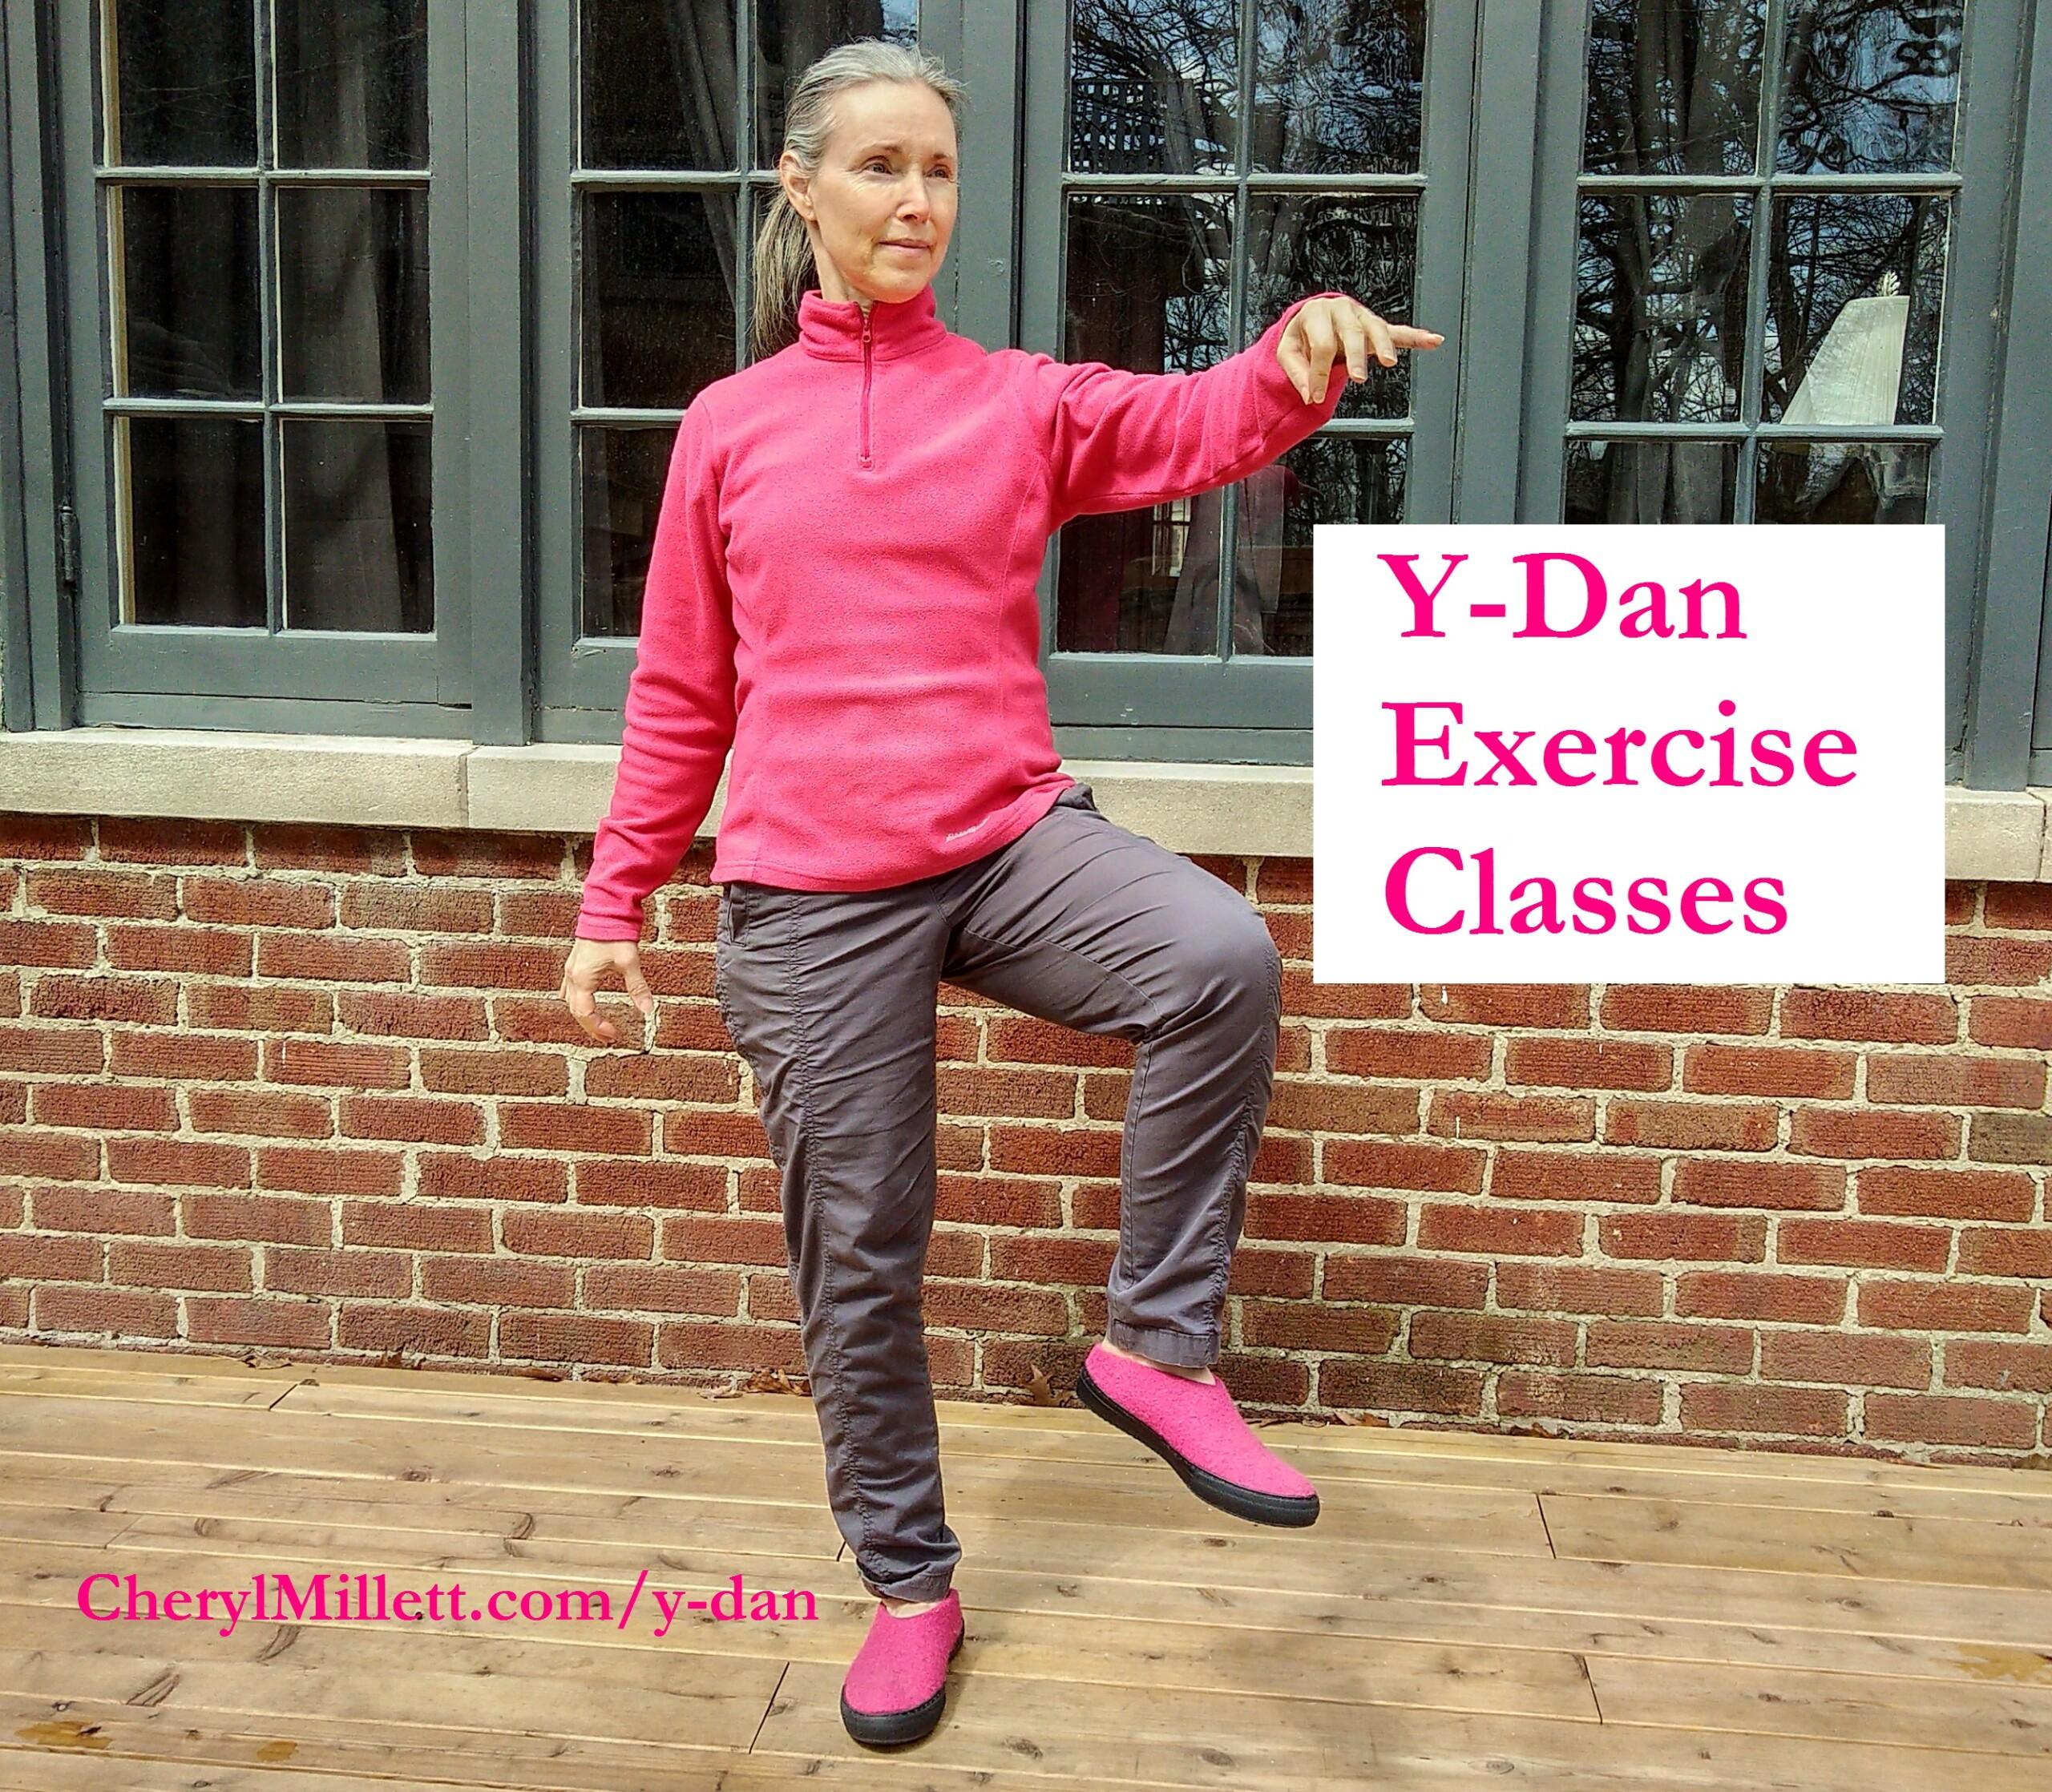 Y-Dan Exercises